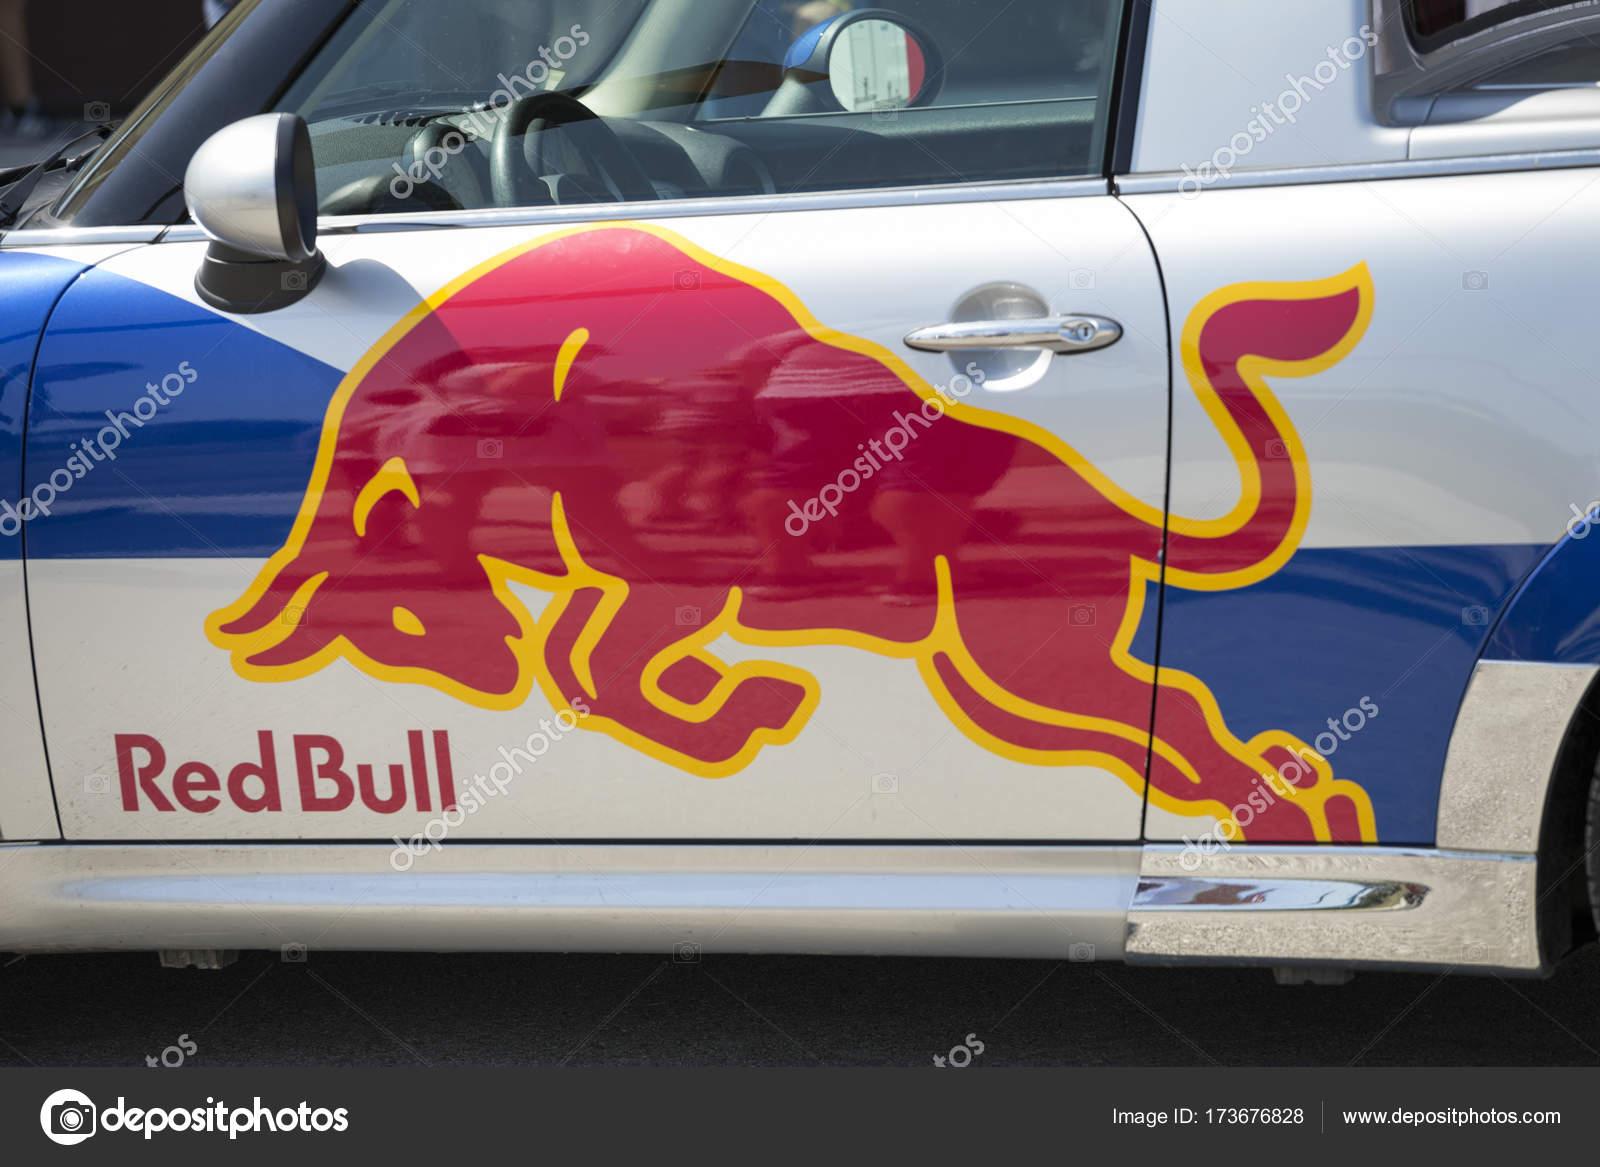 red bull cover letter examples - logo red bull red bull honda cbr logo vector set free